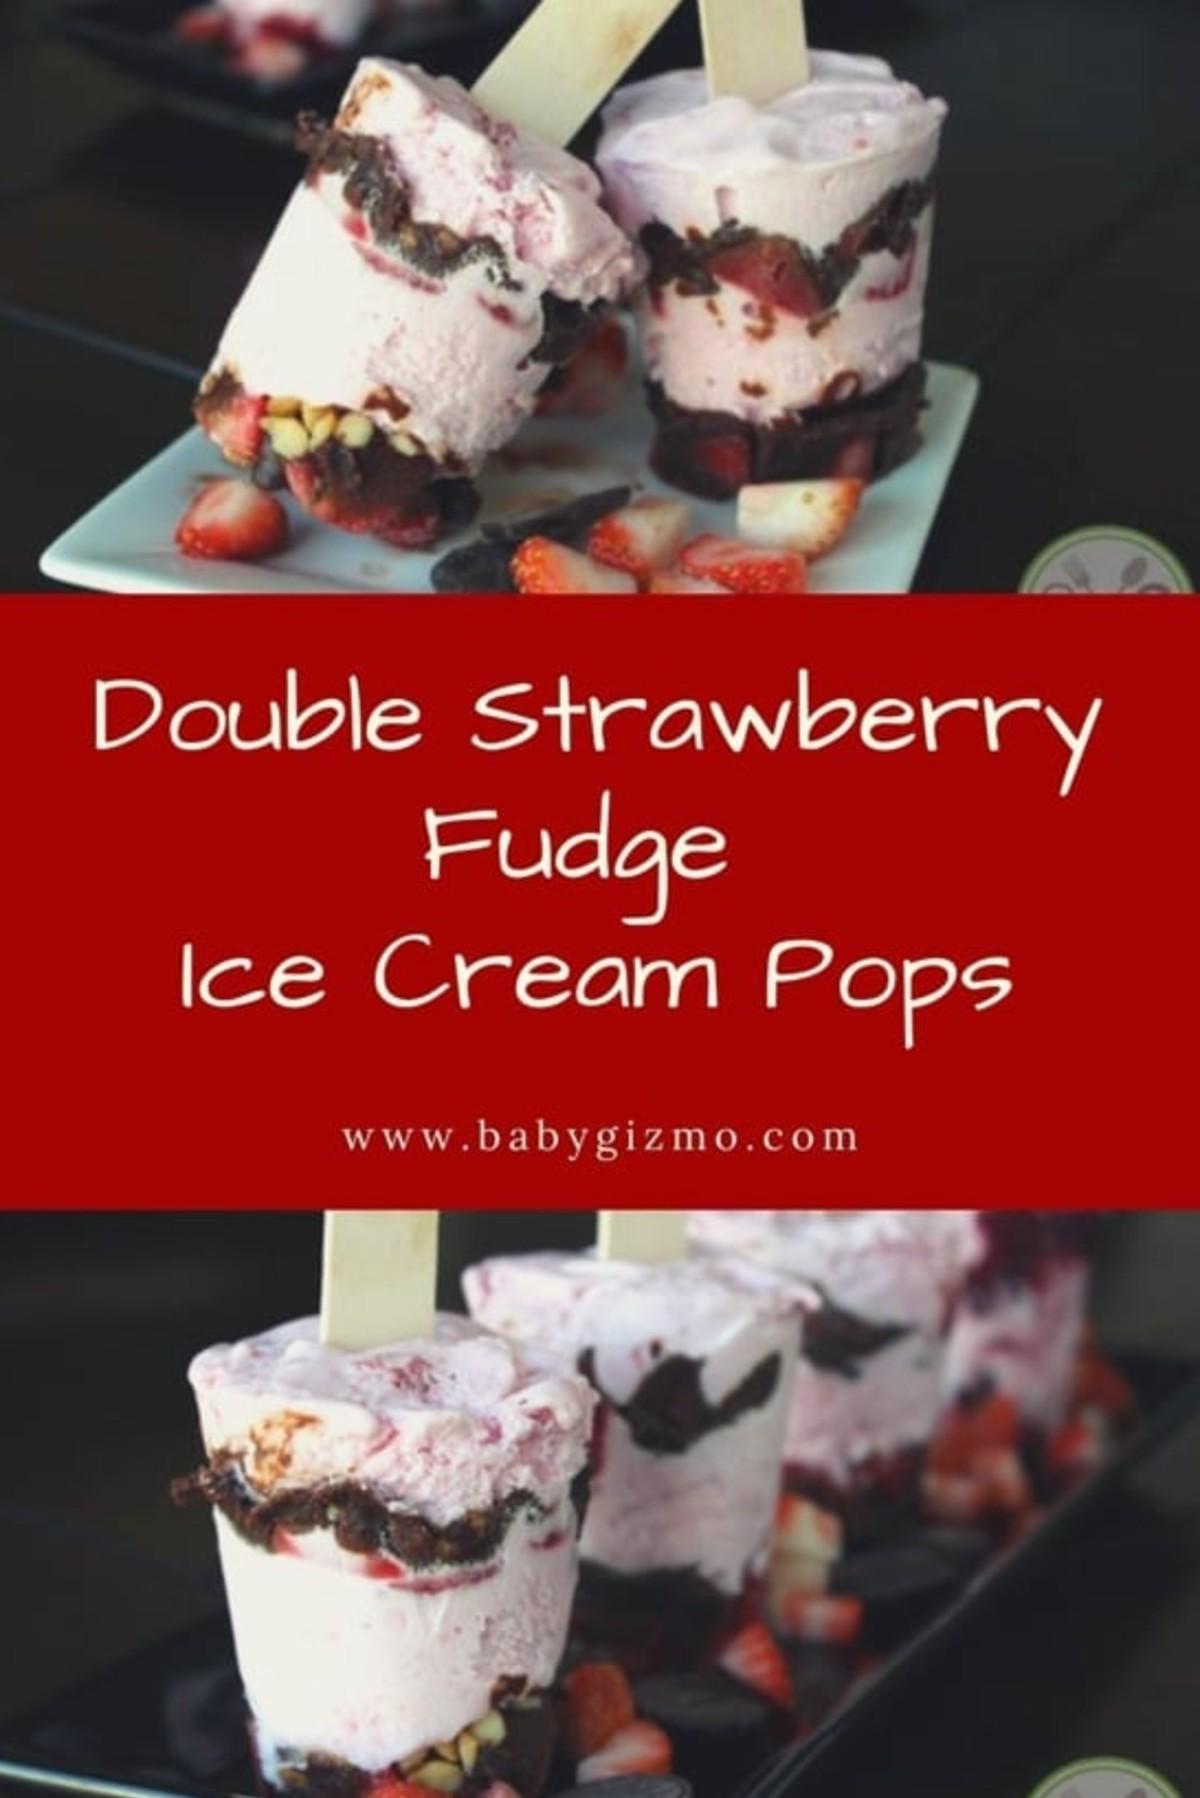 Strawberry Ice Cream pops